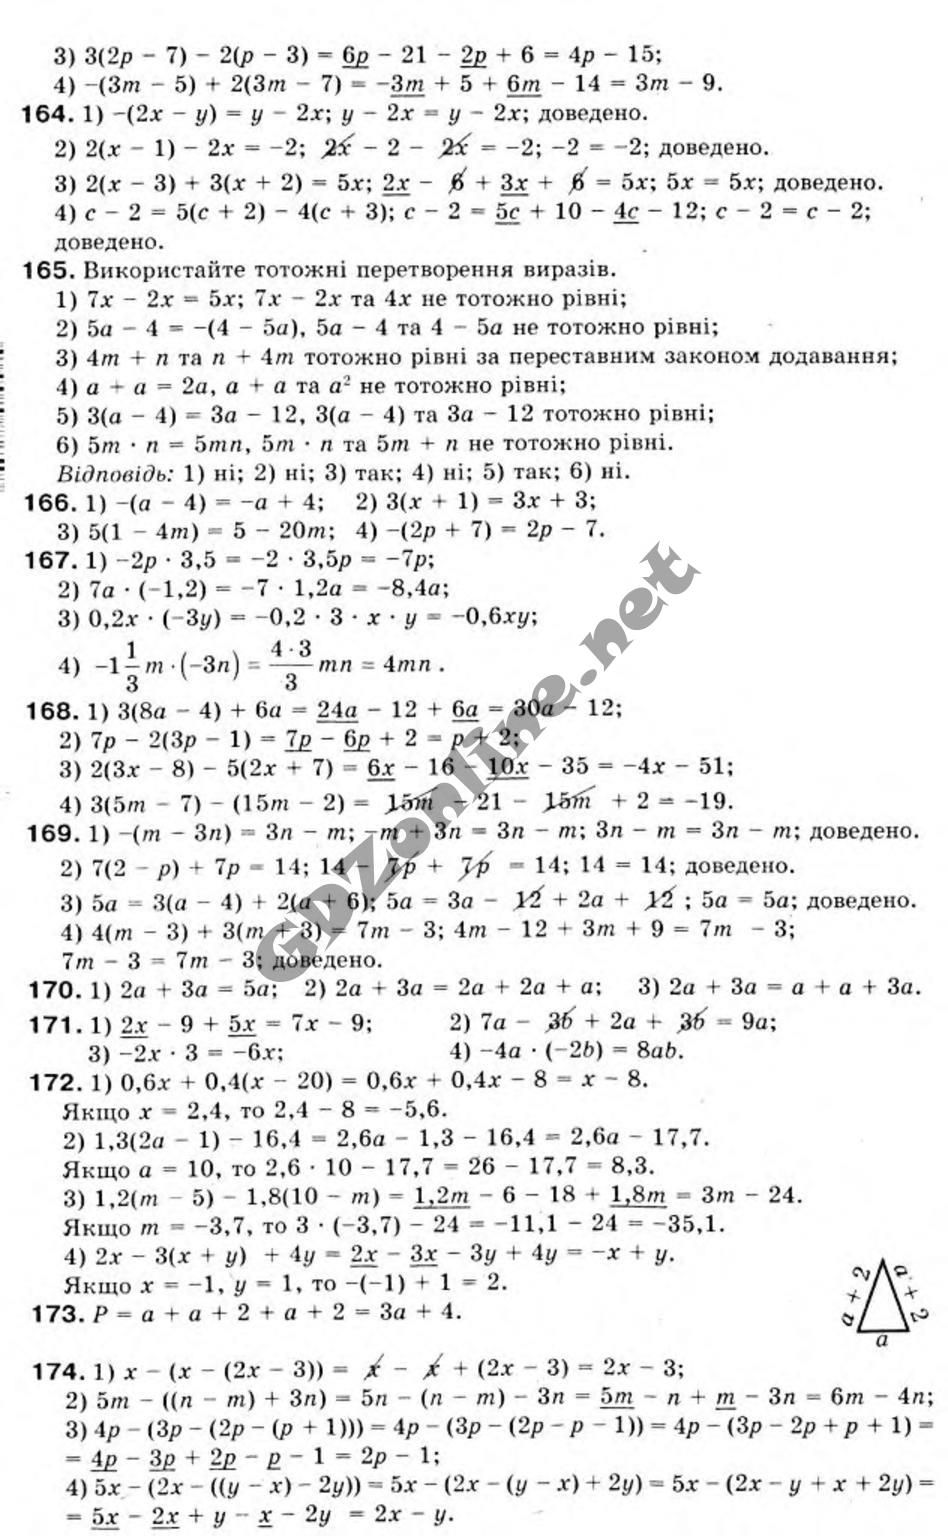 Алгебра 7 класс истер тесты бесплатно